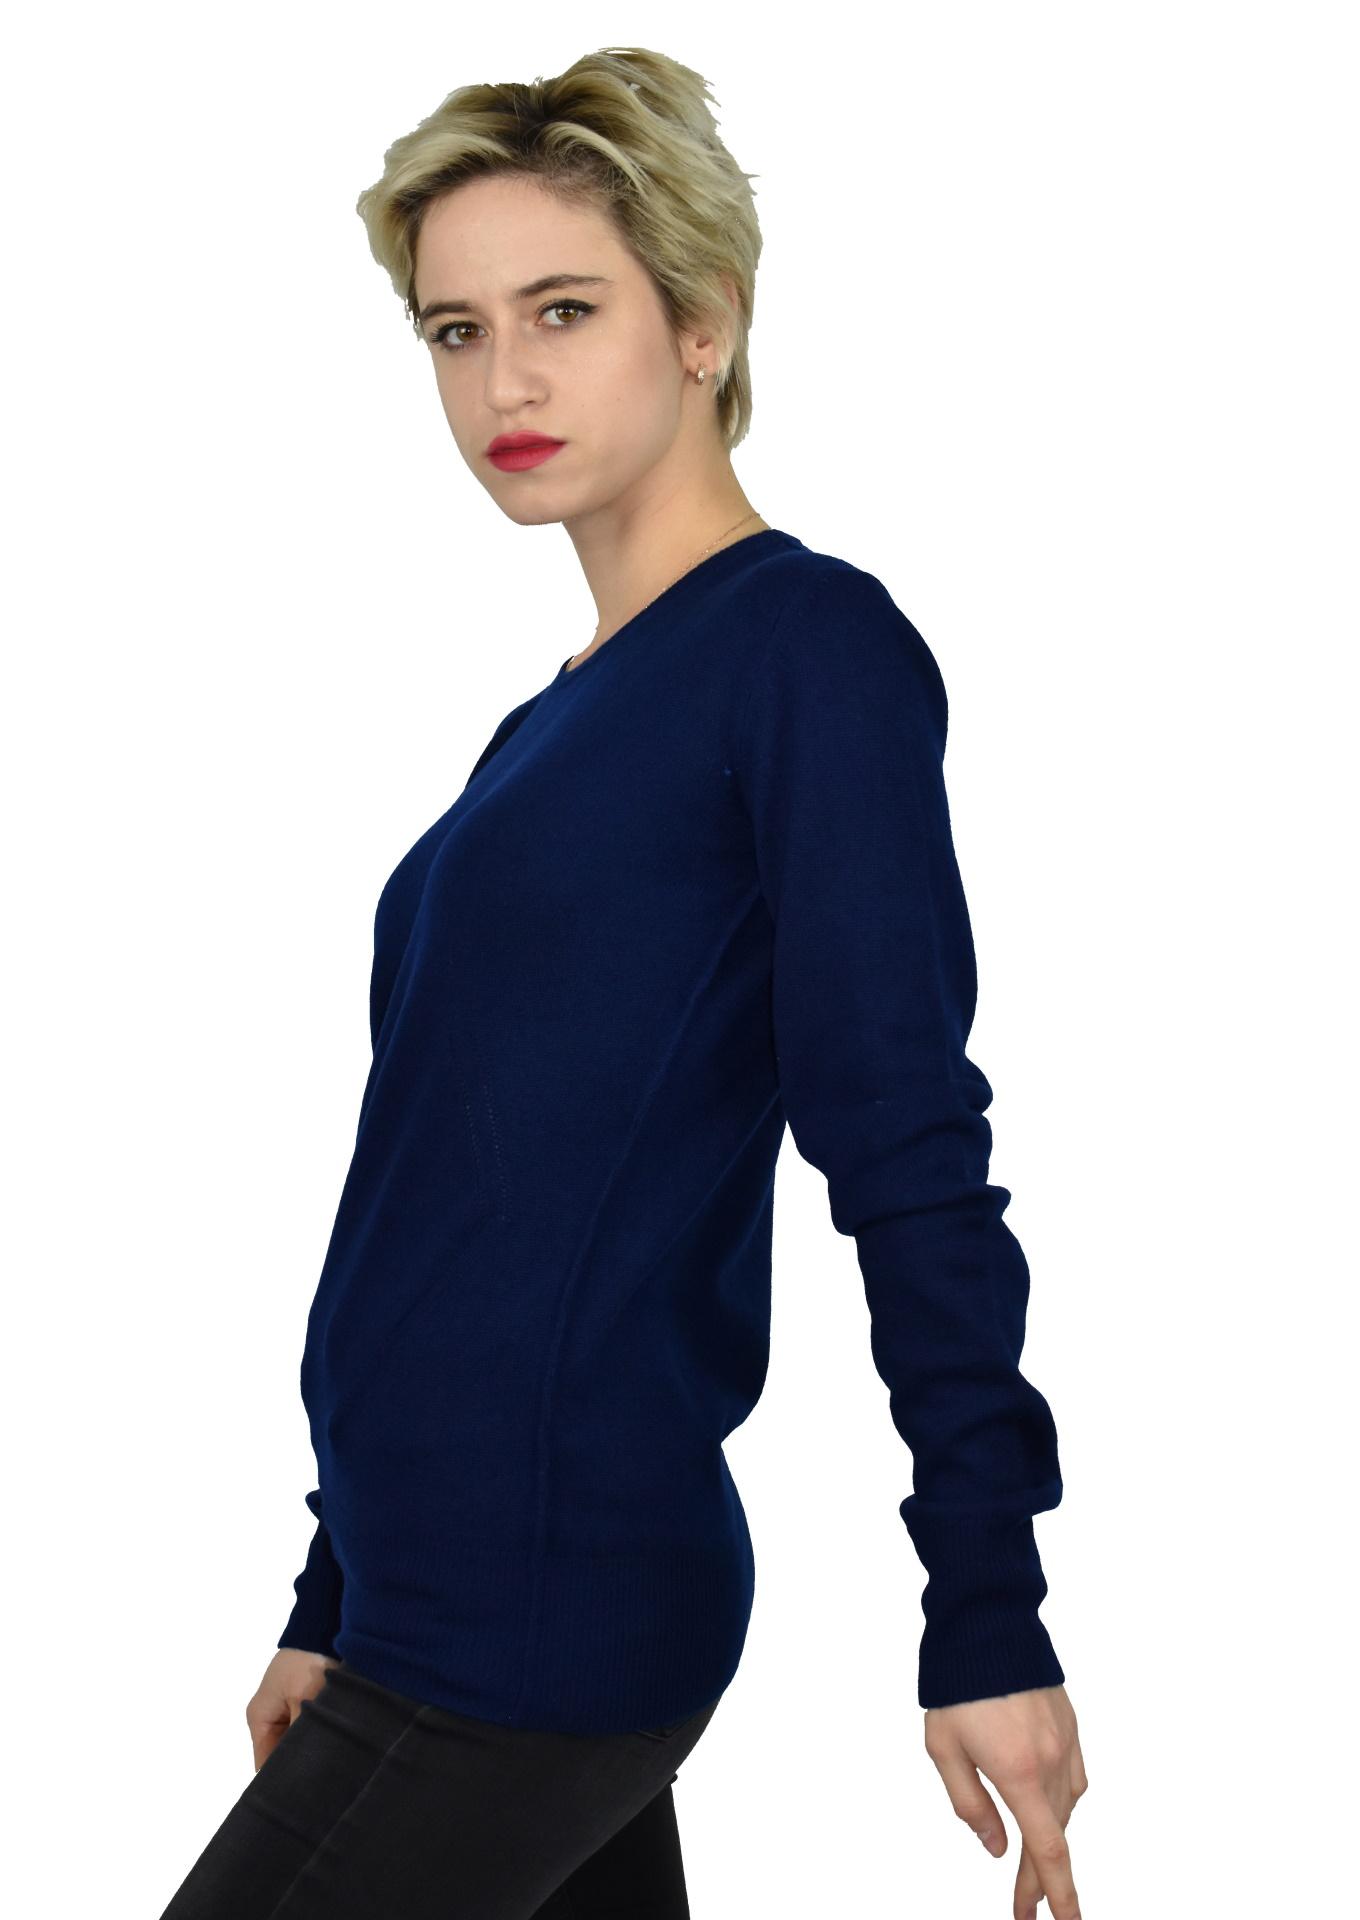 MAVISMBA NAVY MAGLIA DONNA GIROCOLLO 100 CASHMERE MANICA LUNGA 3 1stAmerican maglia girocollo 100% puro cashmere Made in Italy da donna con lavorazione traforata - finezza 12